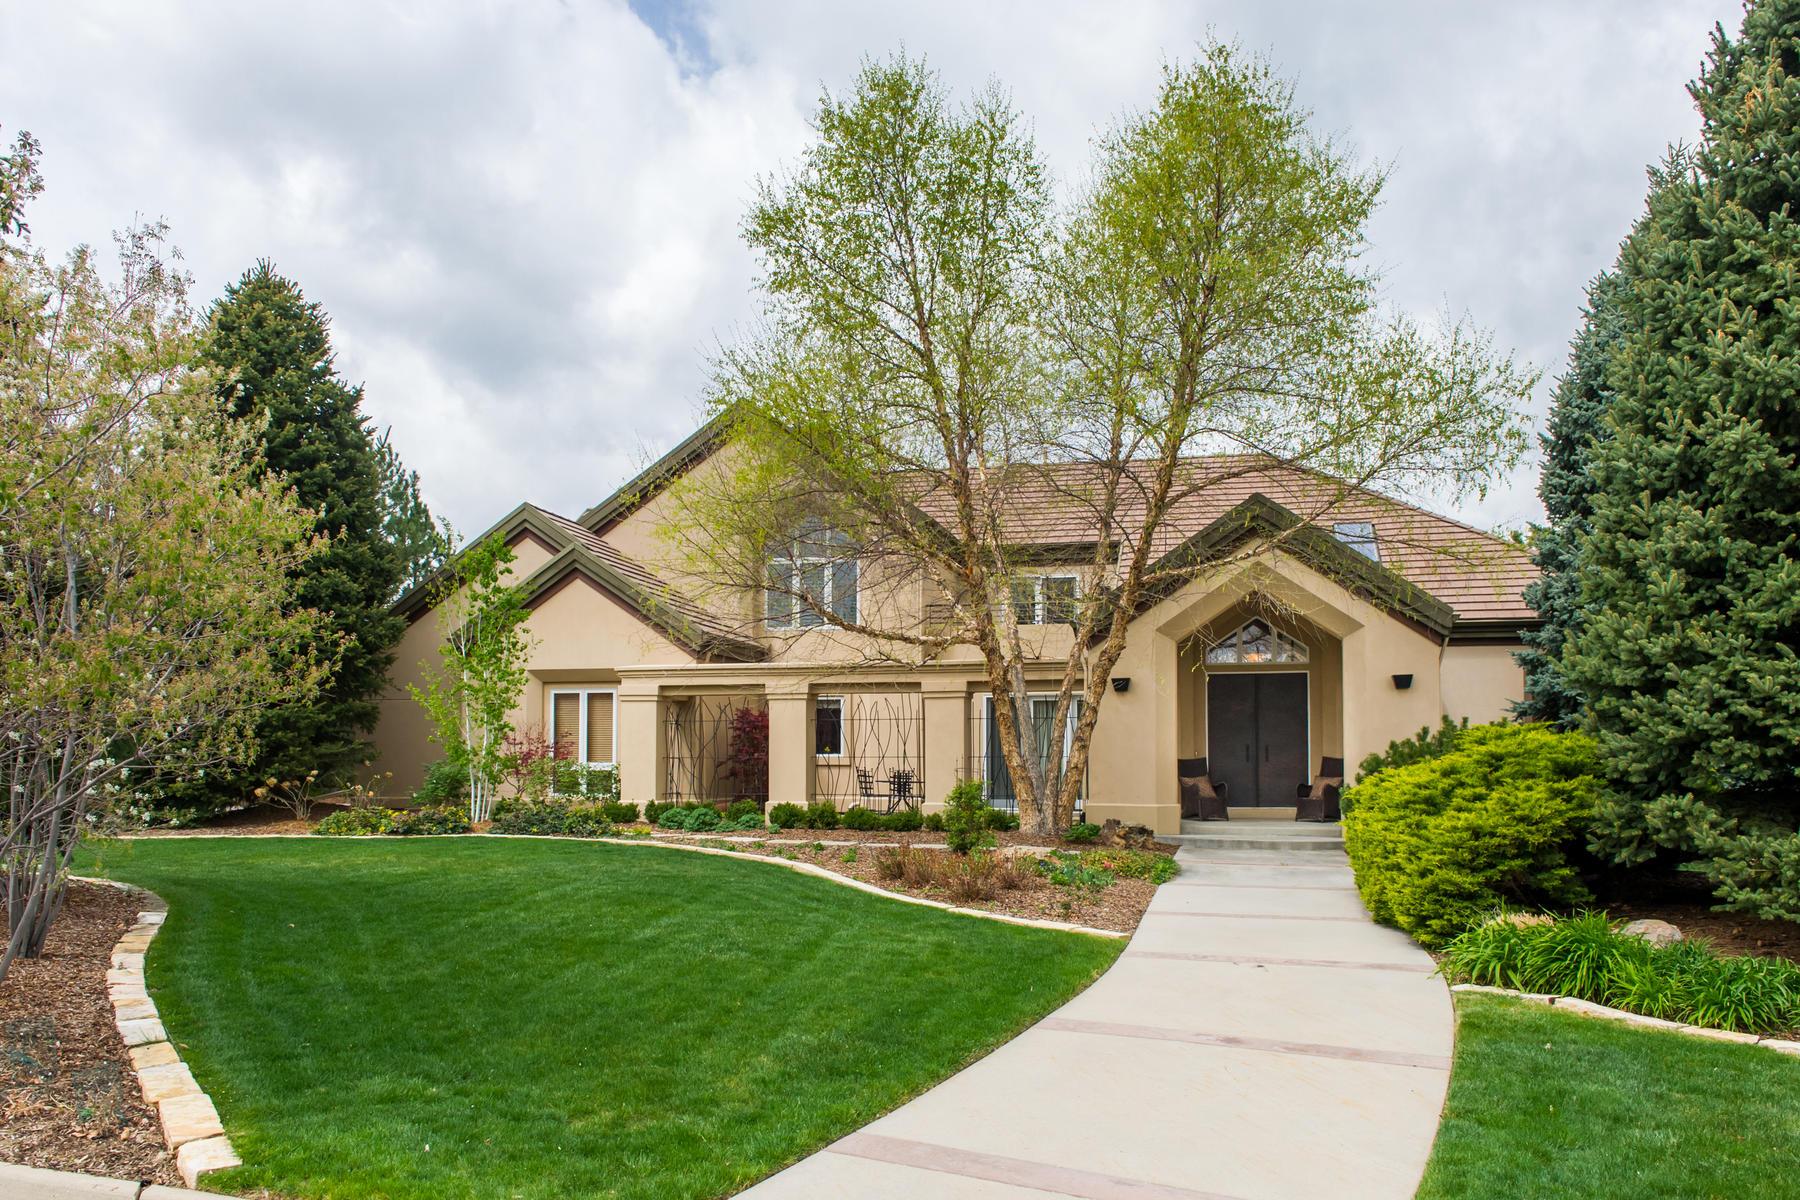 一戸建て のために 売買 アット Stunning Residence, Completely Renovated, 3/4 Acre Lot 5761 S. Elm Street Greenwood Village, コロラド, 80121 アメリカ合衆国